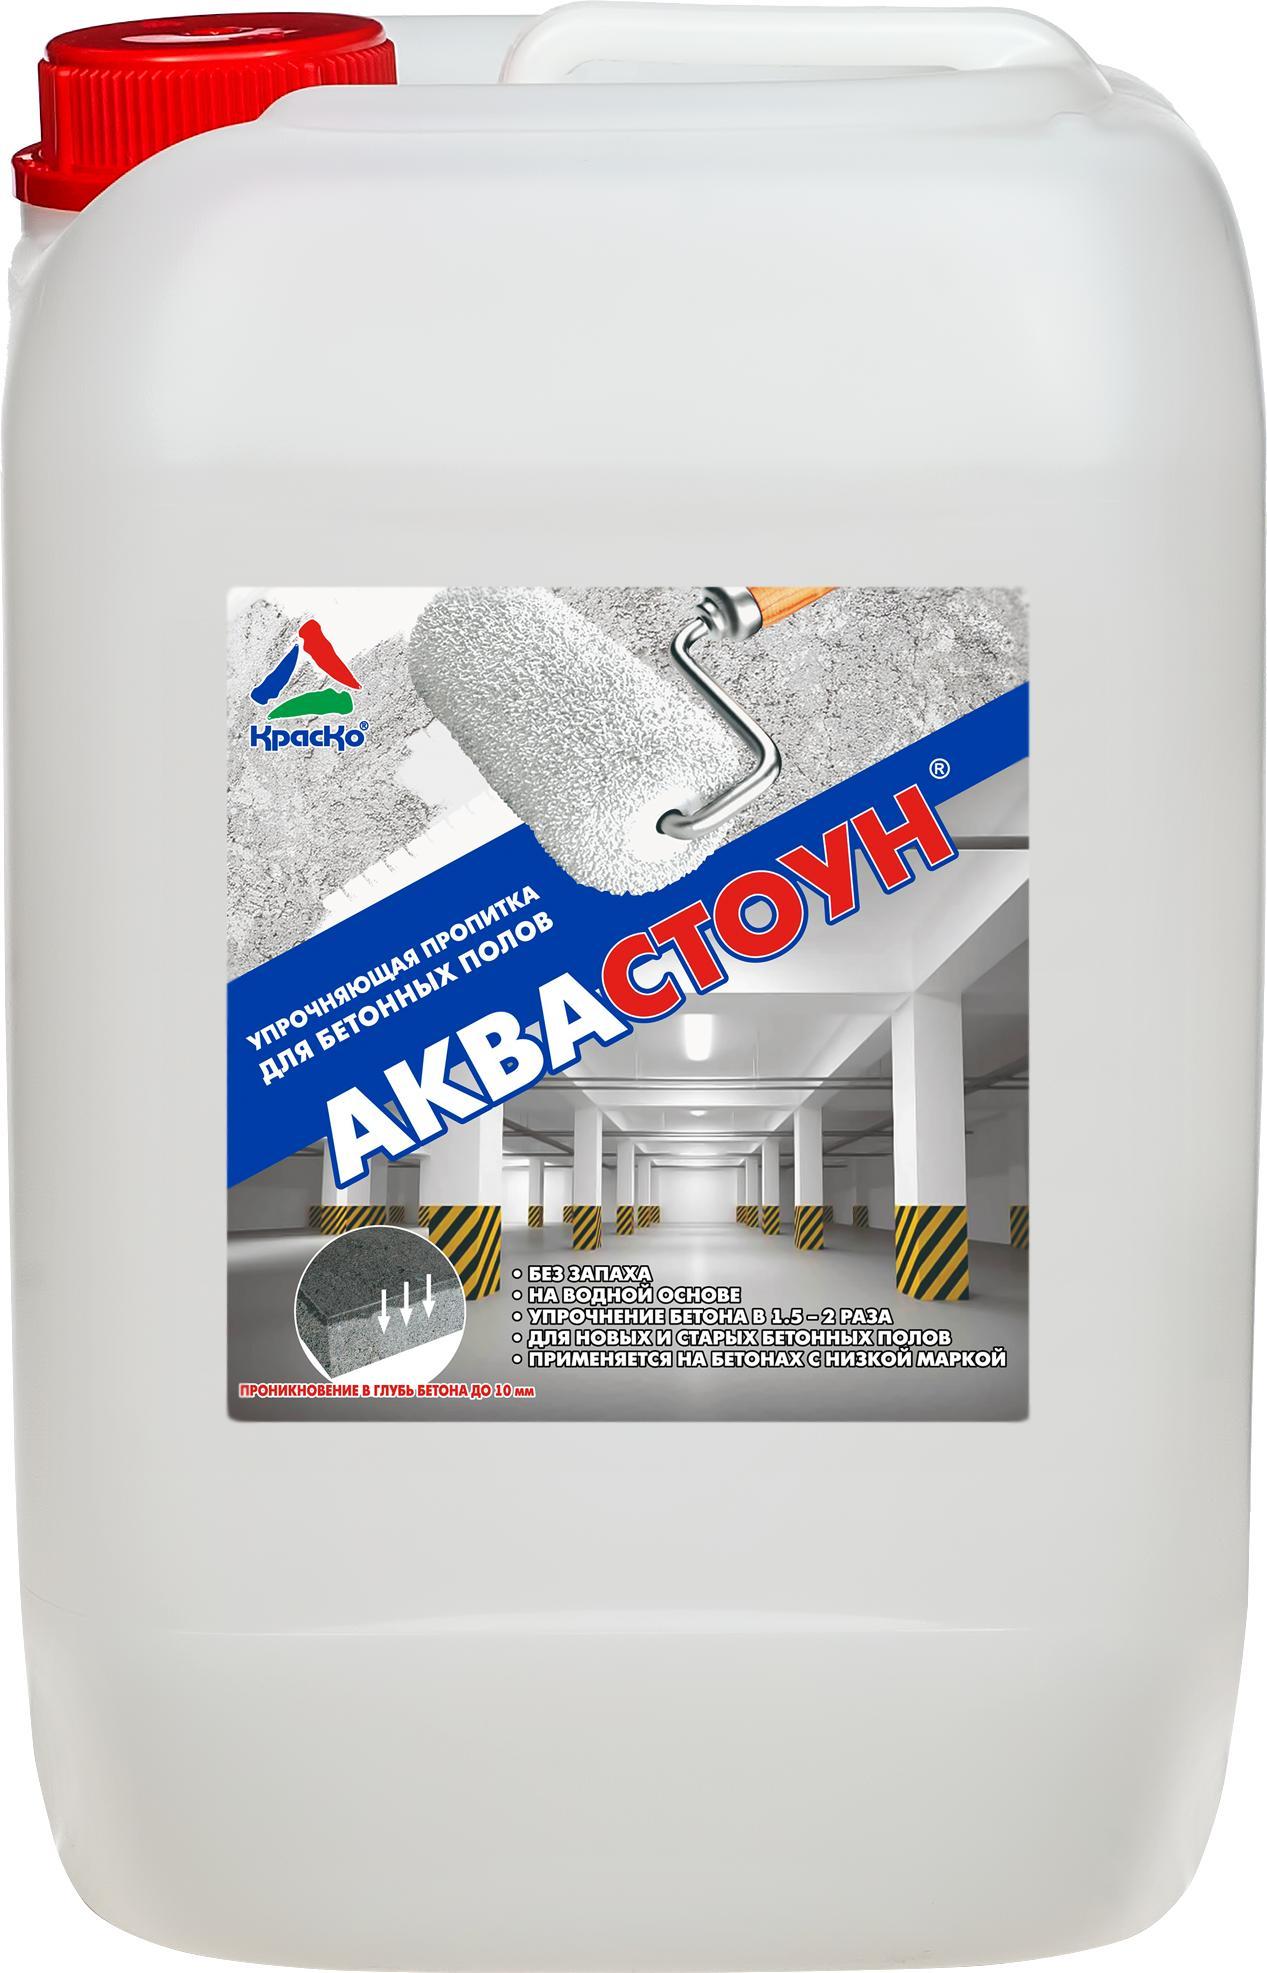 Силикатные пропитки для бетона купить геотекстиль бетон